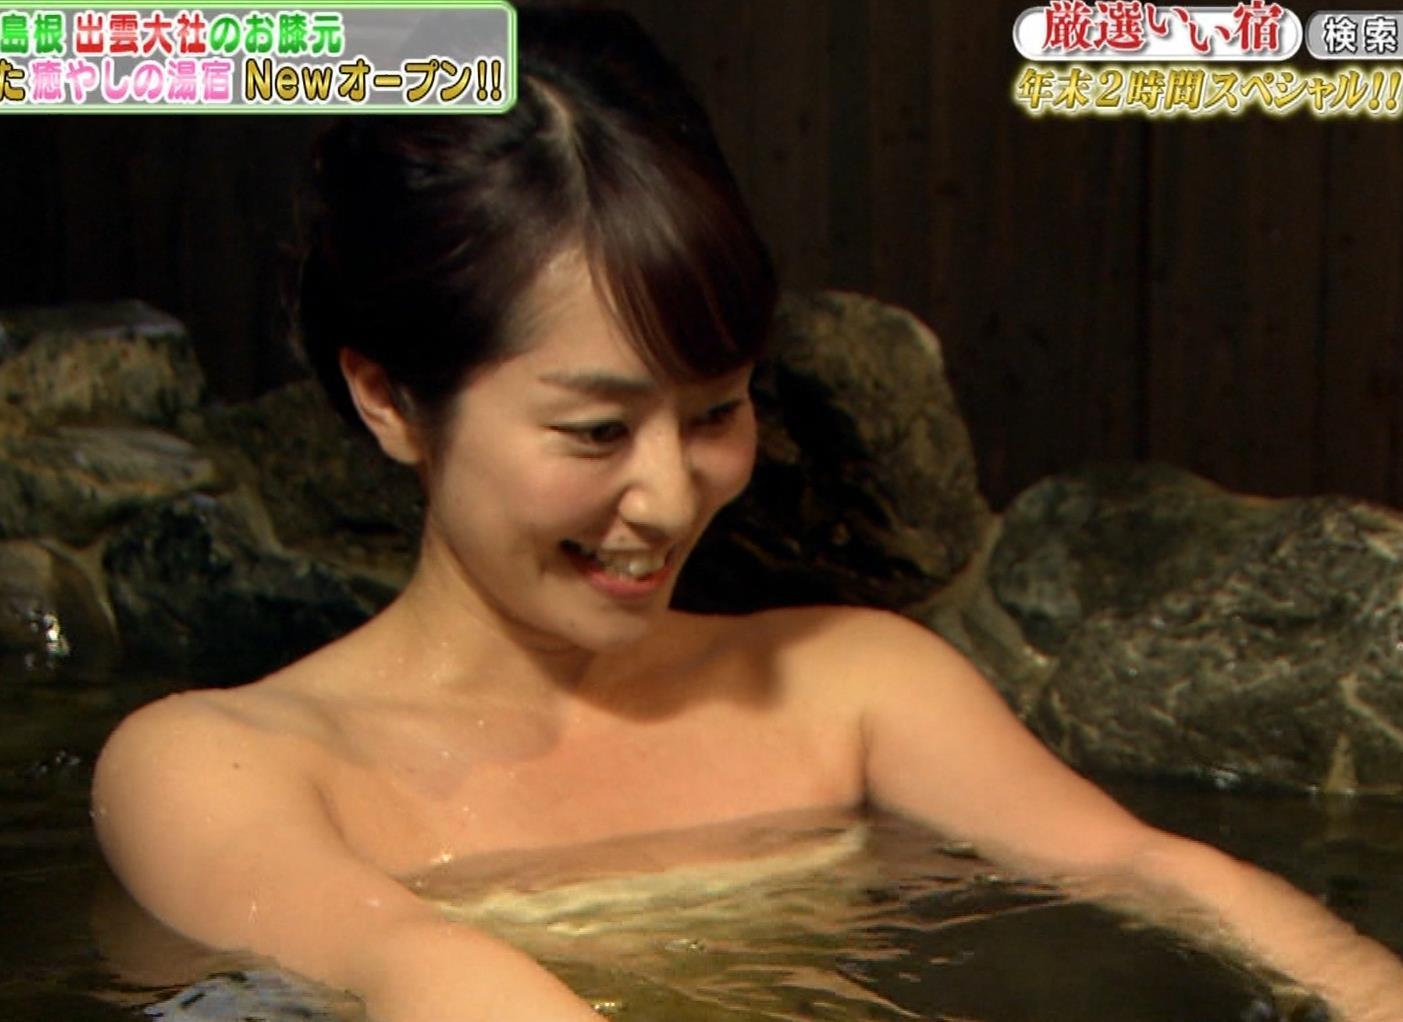 谷桃子 温泉番組での入浴シーンキャプ・エロ画像4